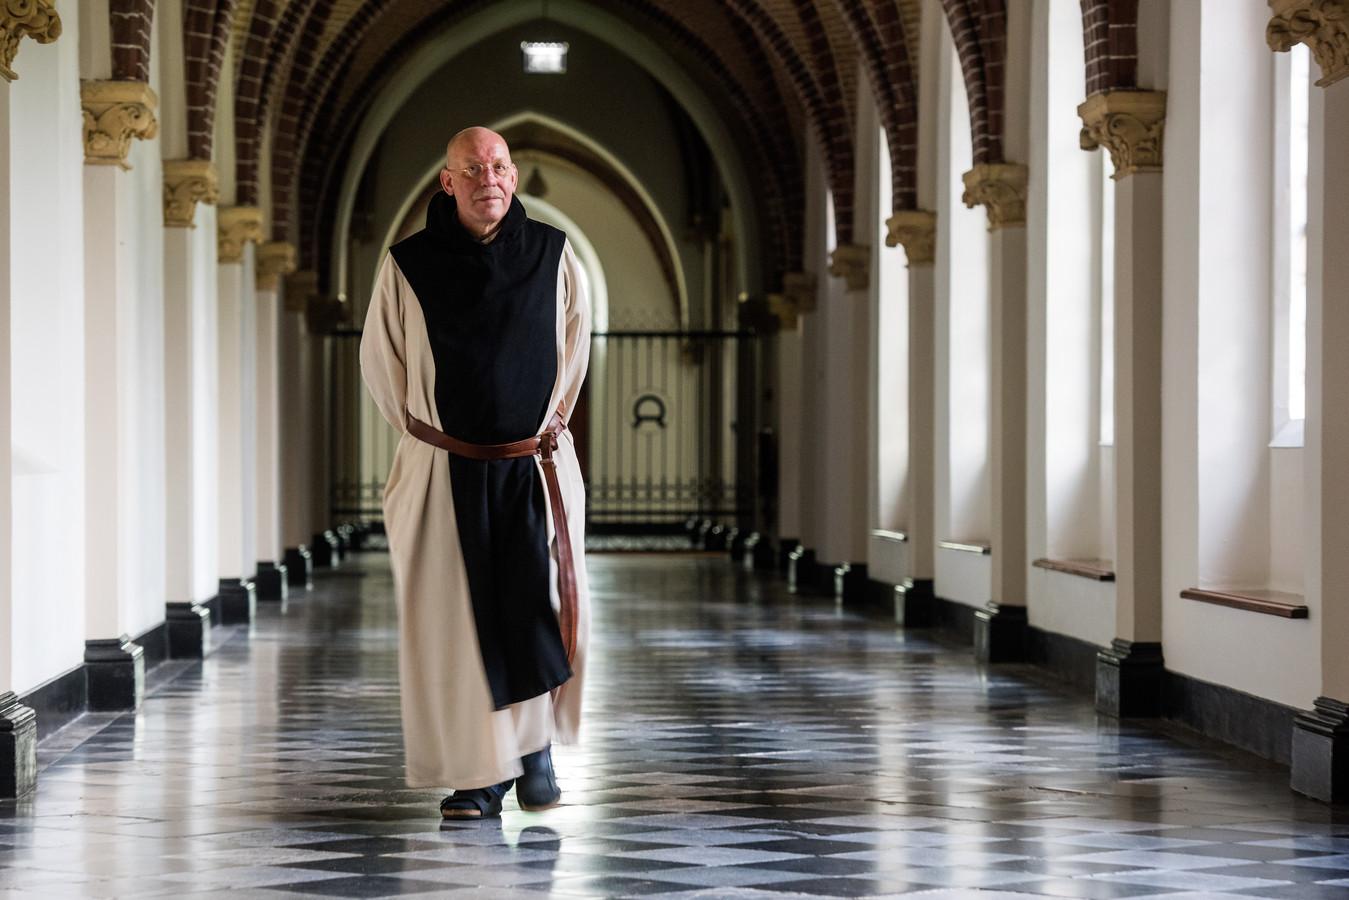 Een monnik in de abdij van Koningshoeven